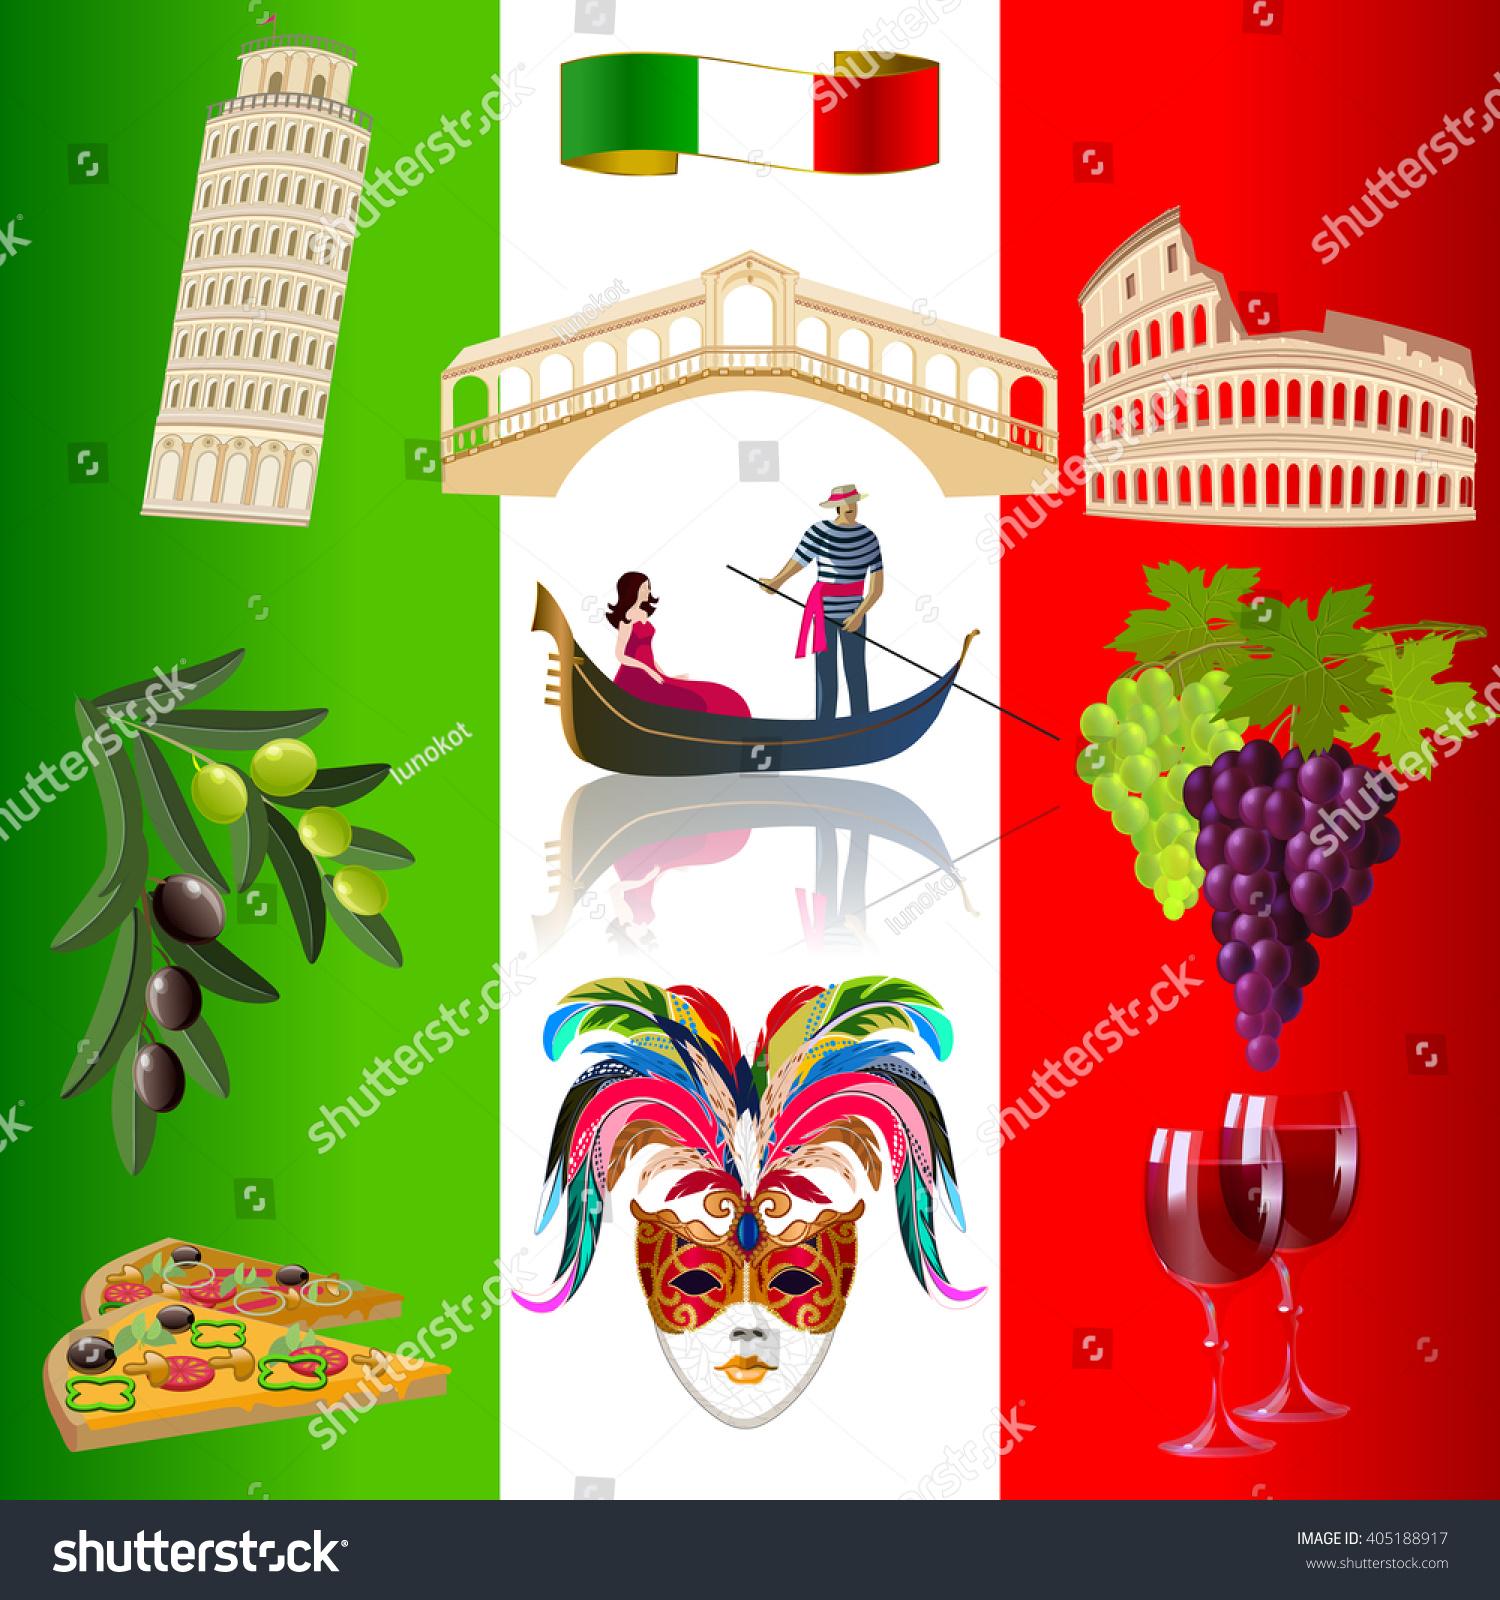 Italy Background Venetian Carnival Mask Italian Stock Photo (Photo ...